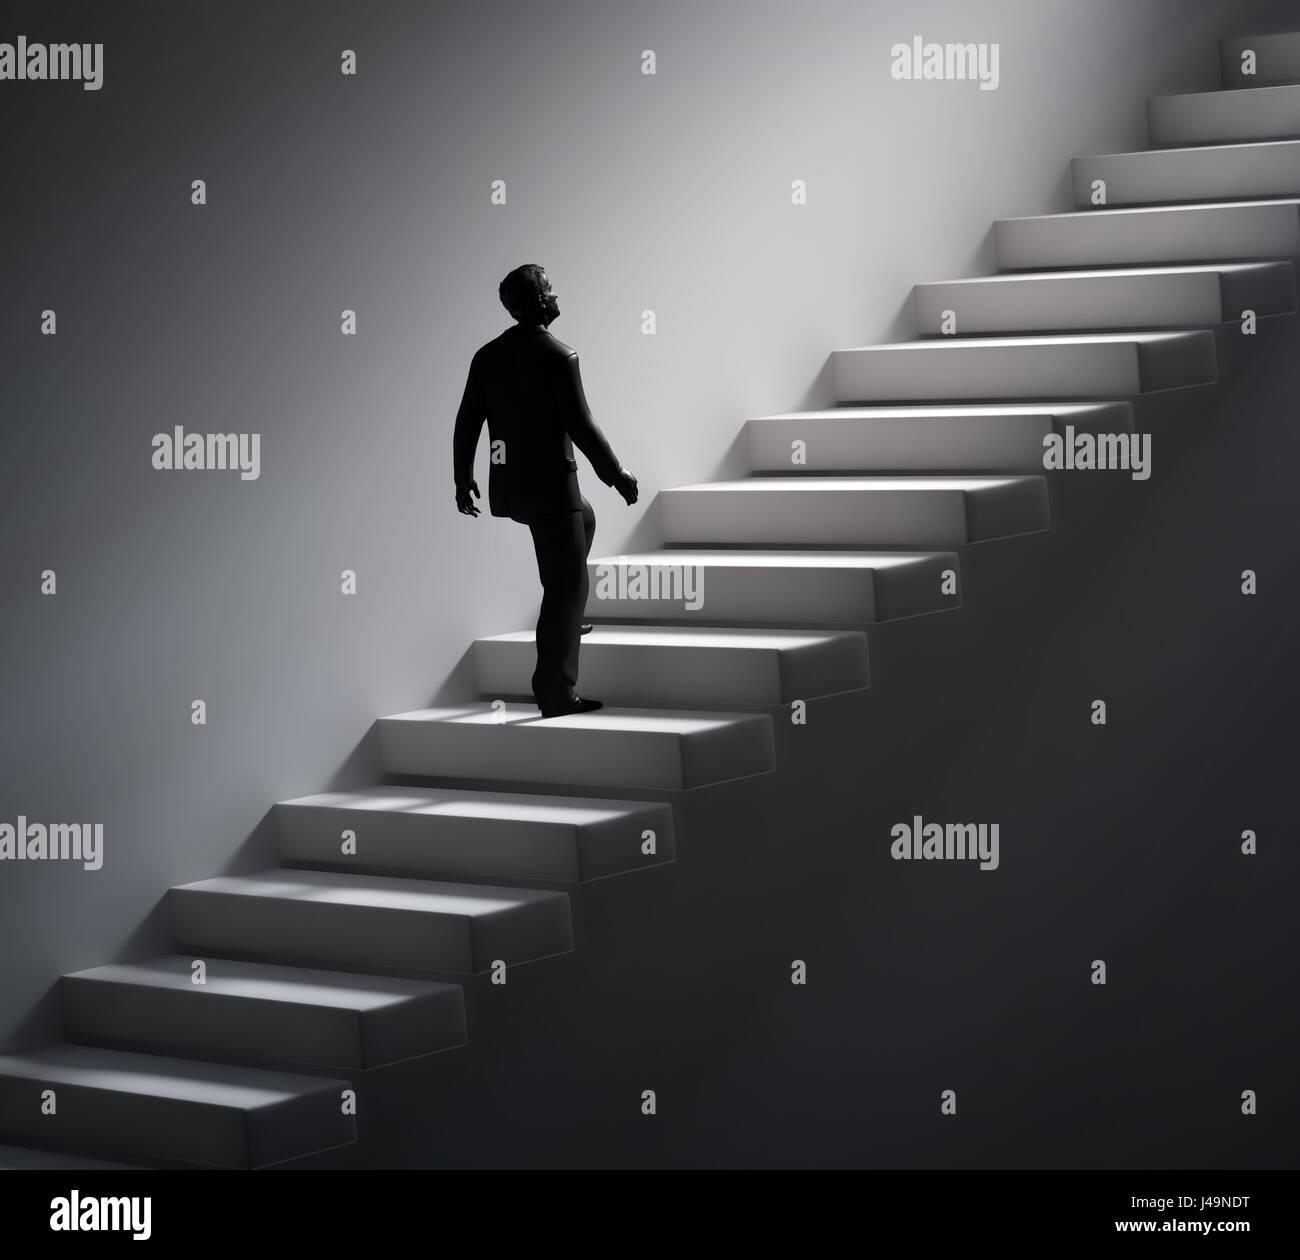 L'homme en montant les escaliers vers la lumière - 3d illustration Photo Stock